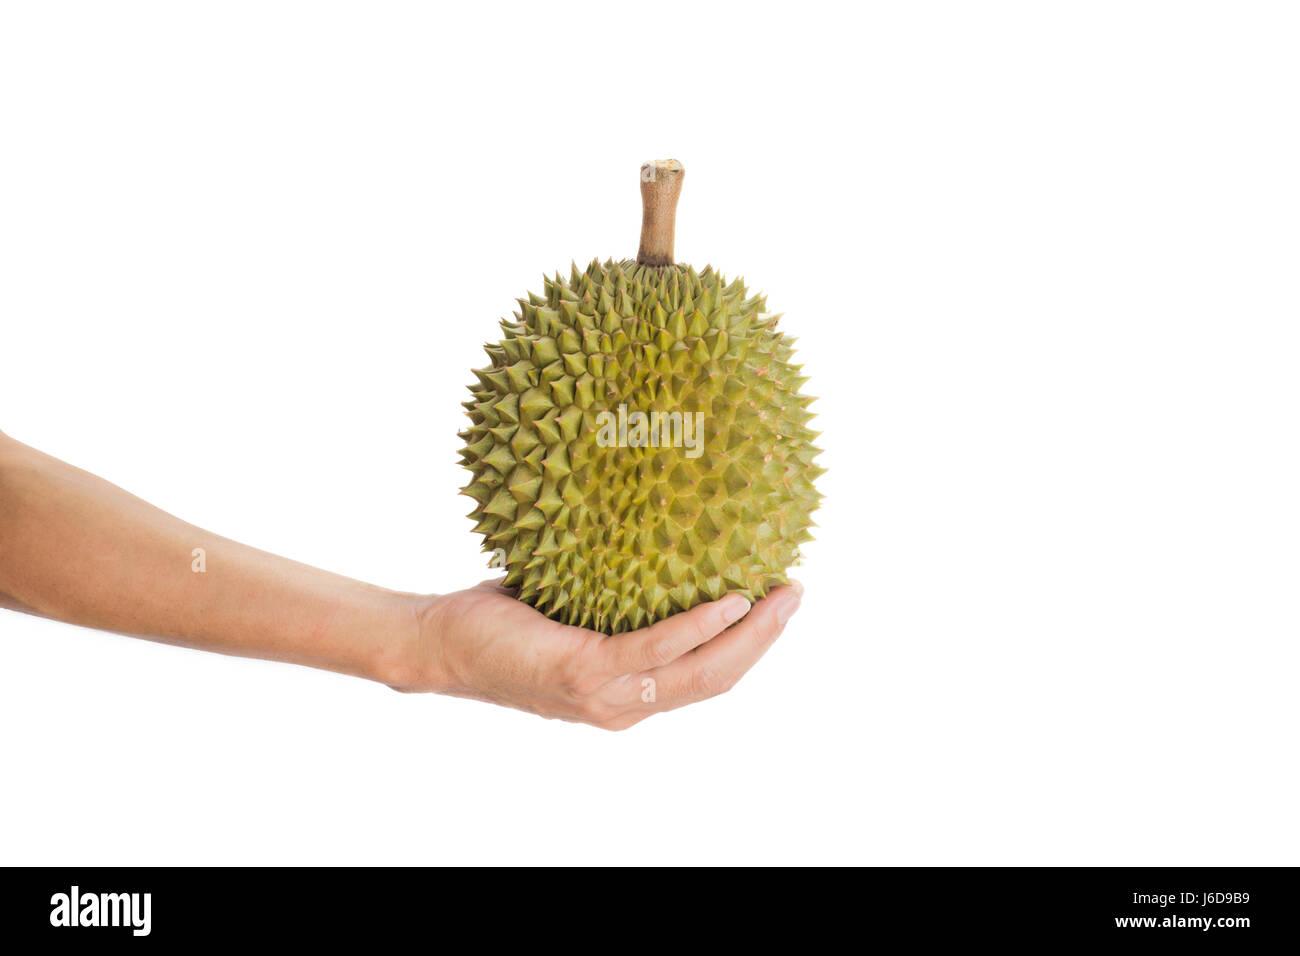 Hand holding ripe durian fruit isolated on white background - Stock Image